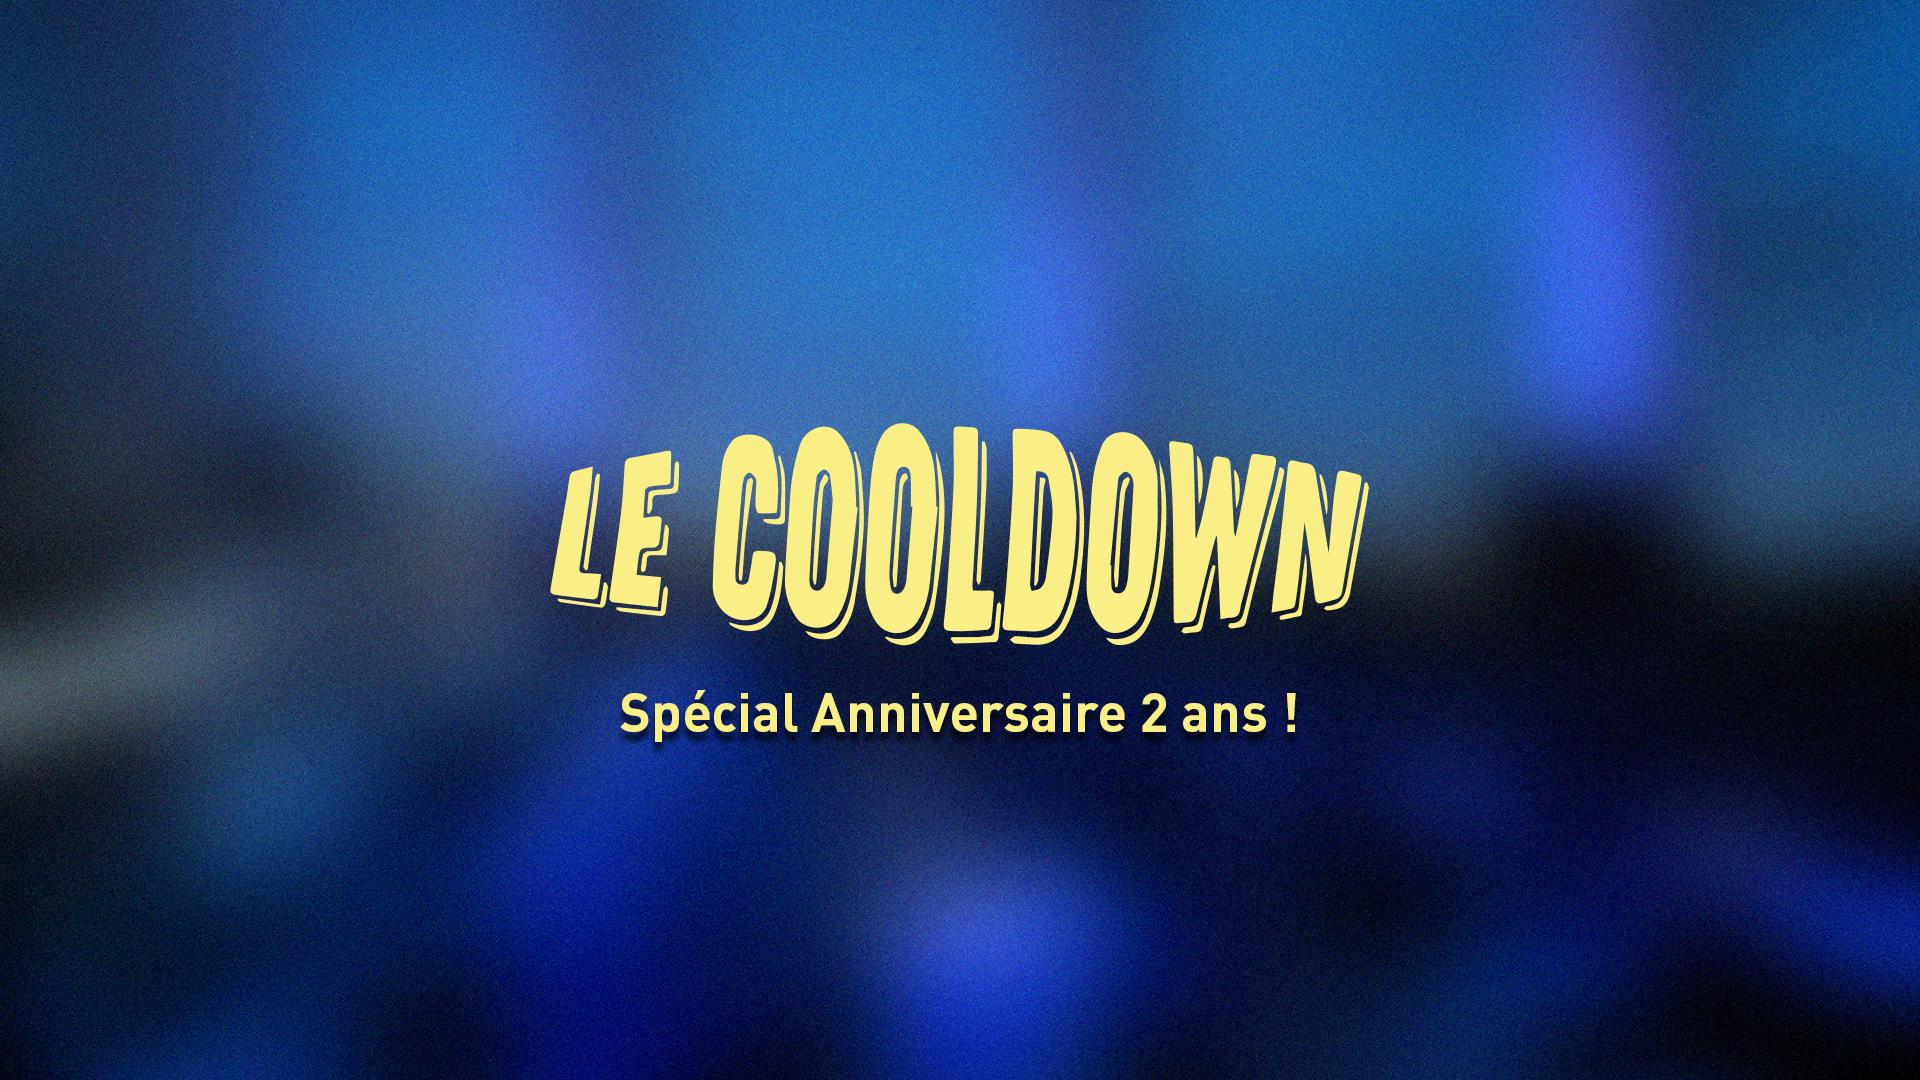 Cooldown #16 Spécial Anniversaire 2 ans